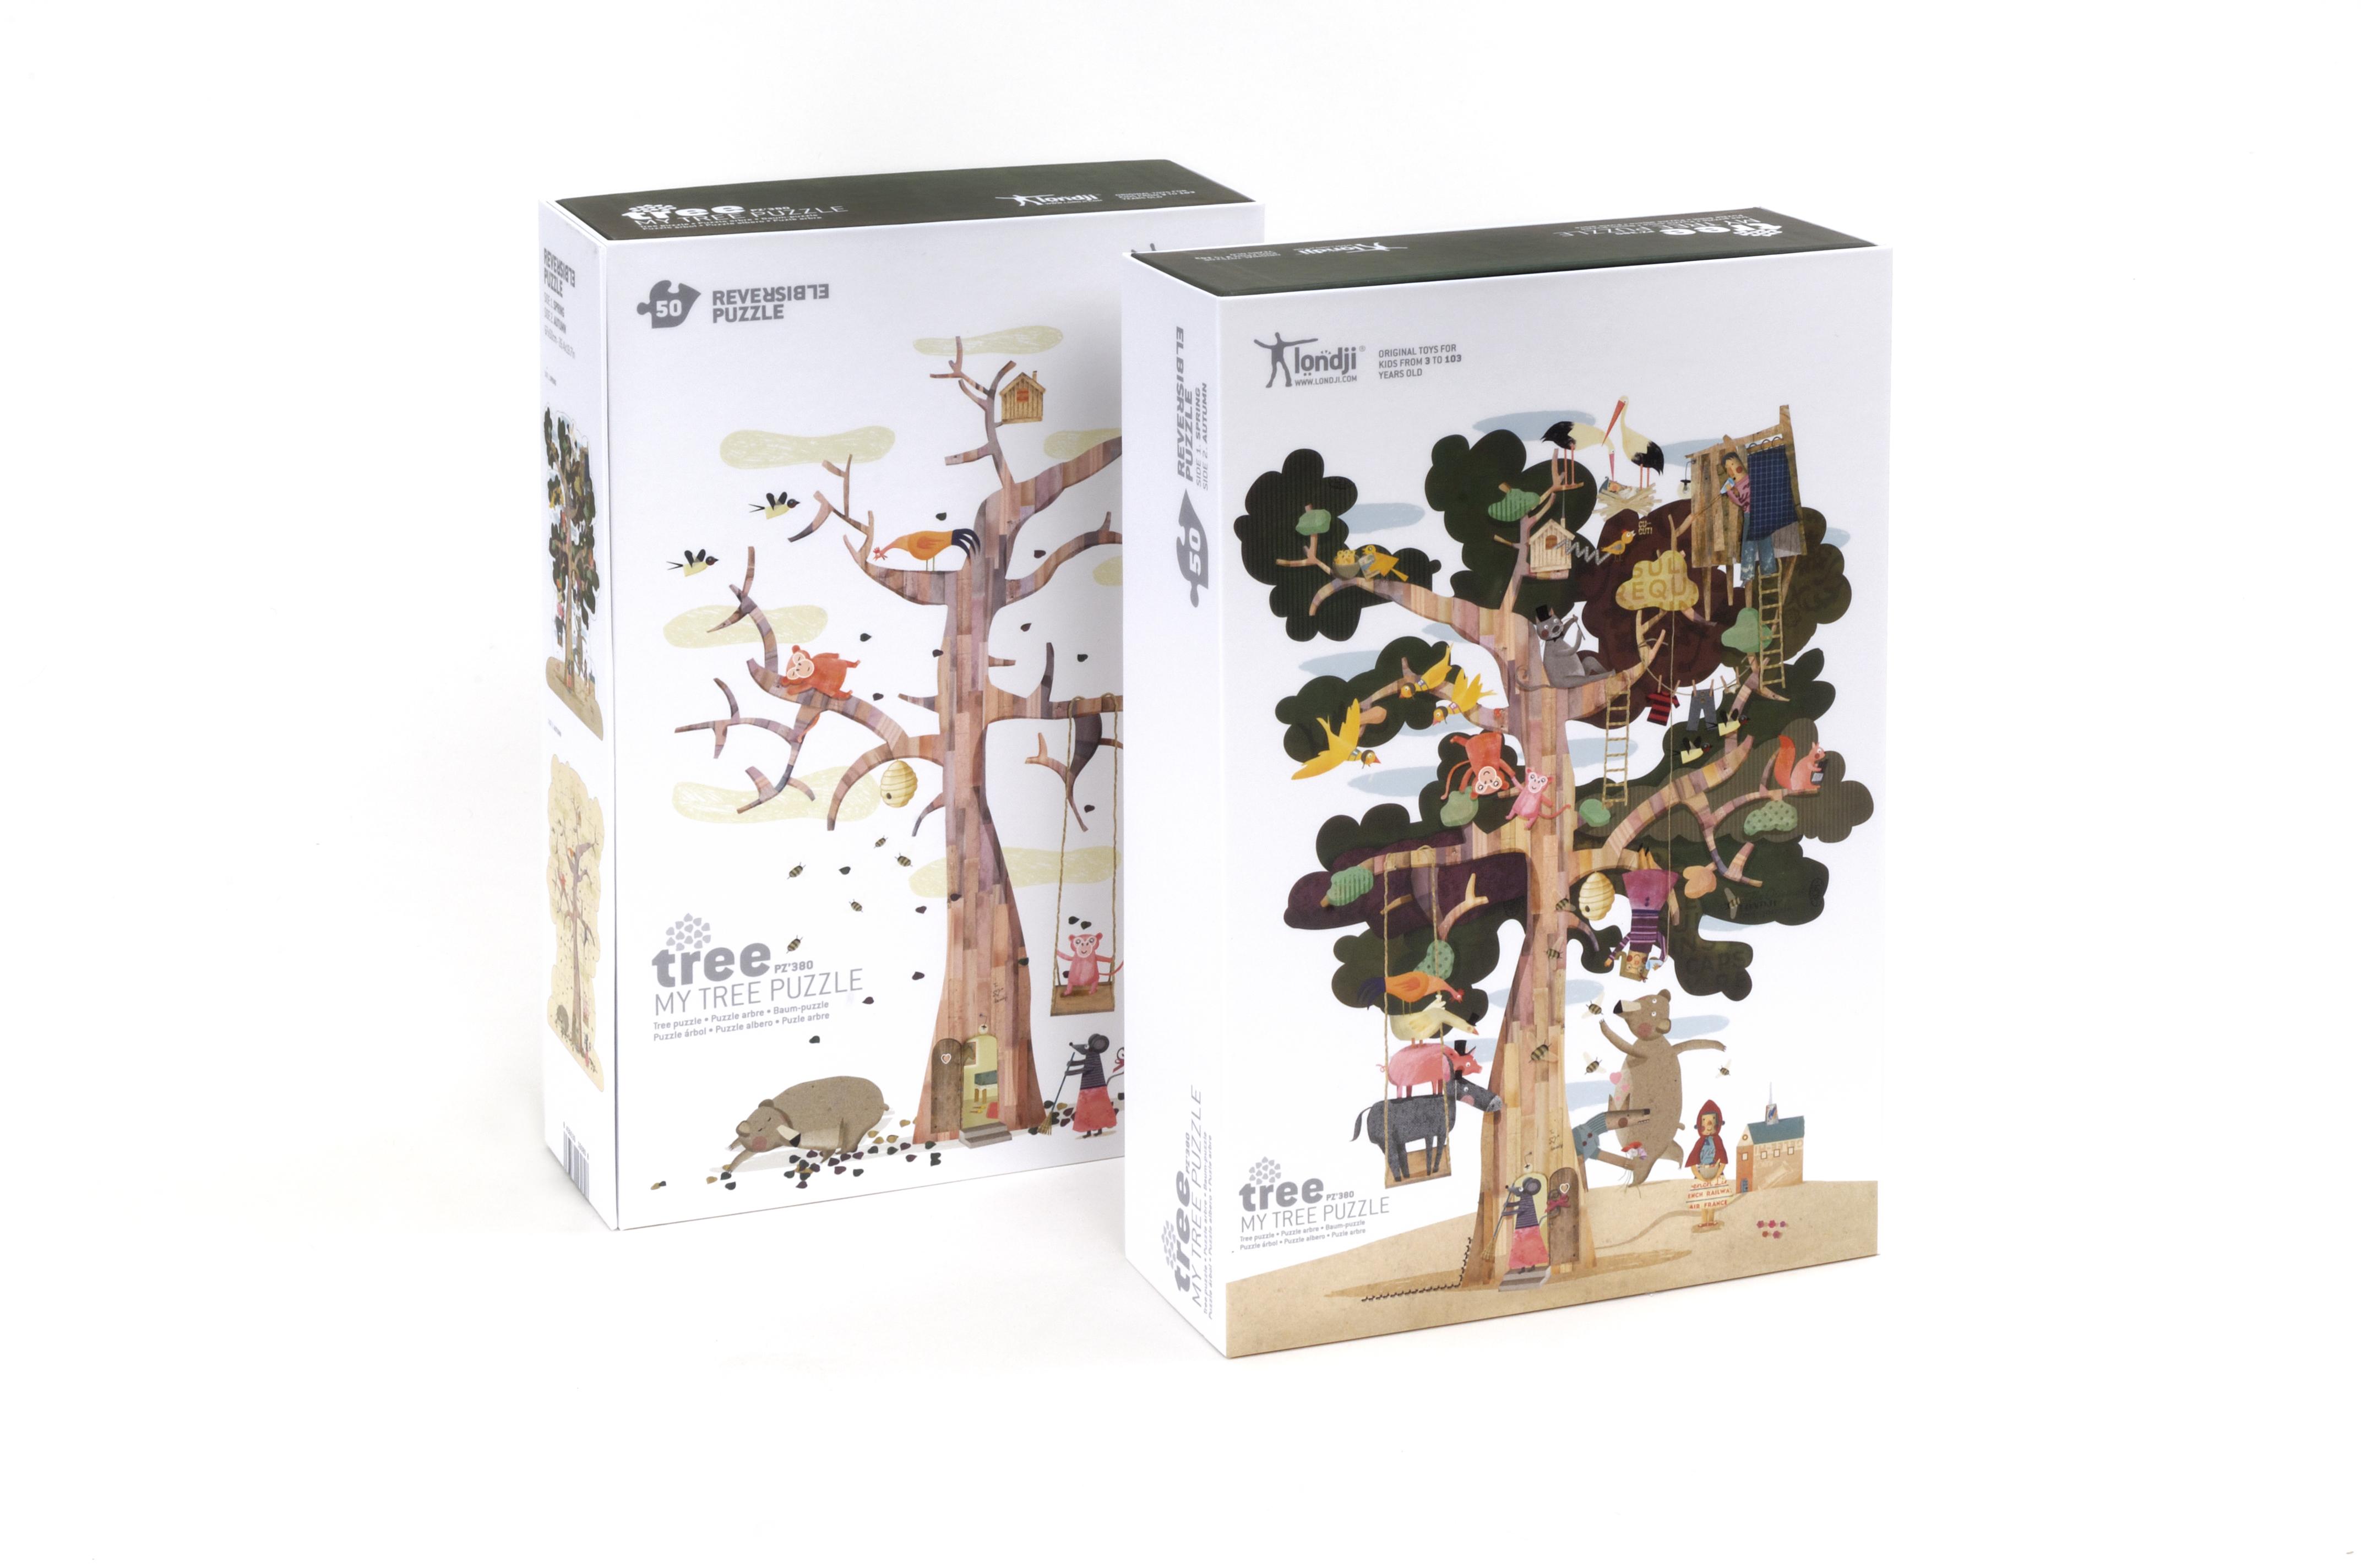 Puzzle gigant copacul meu londji